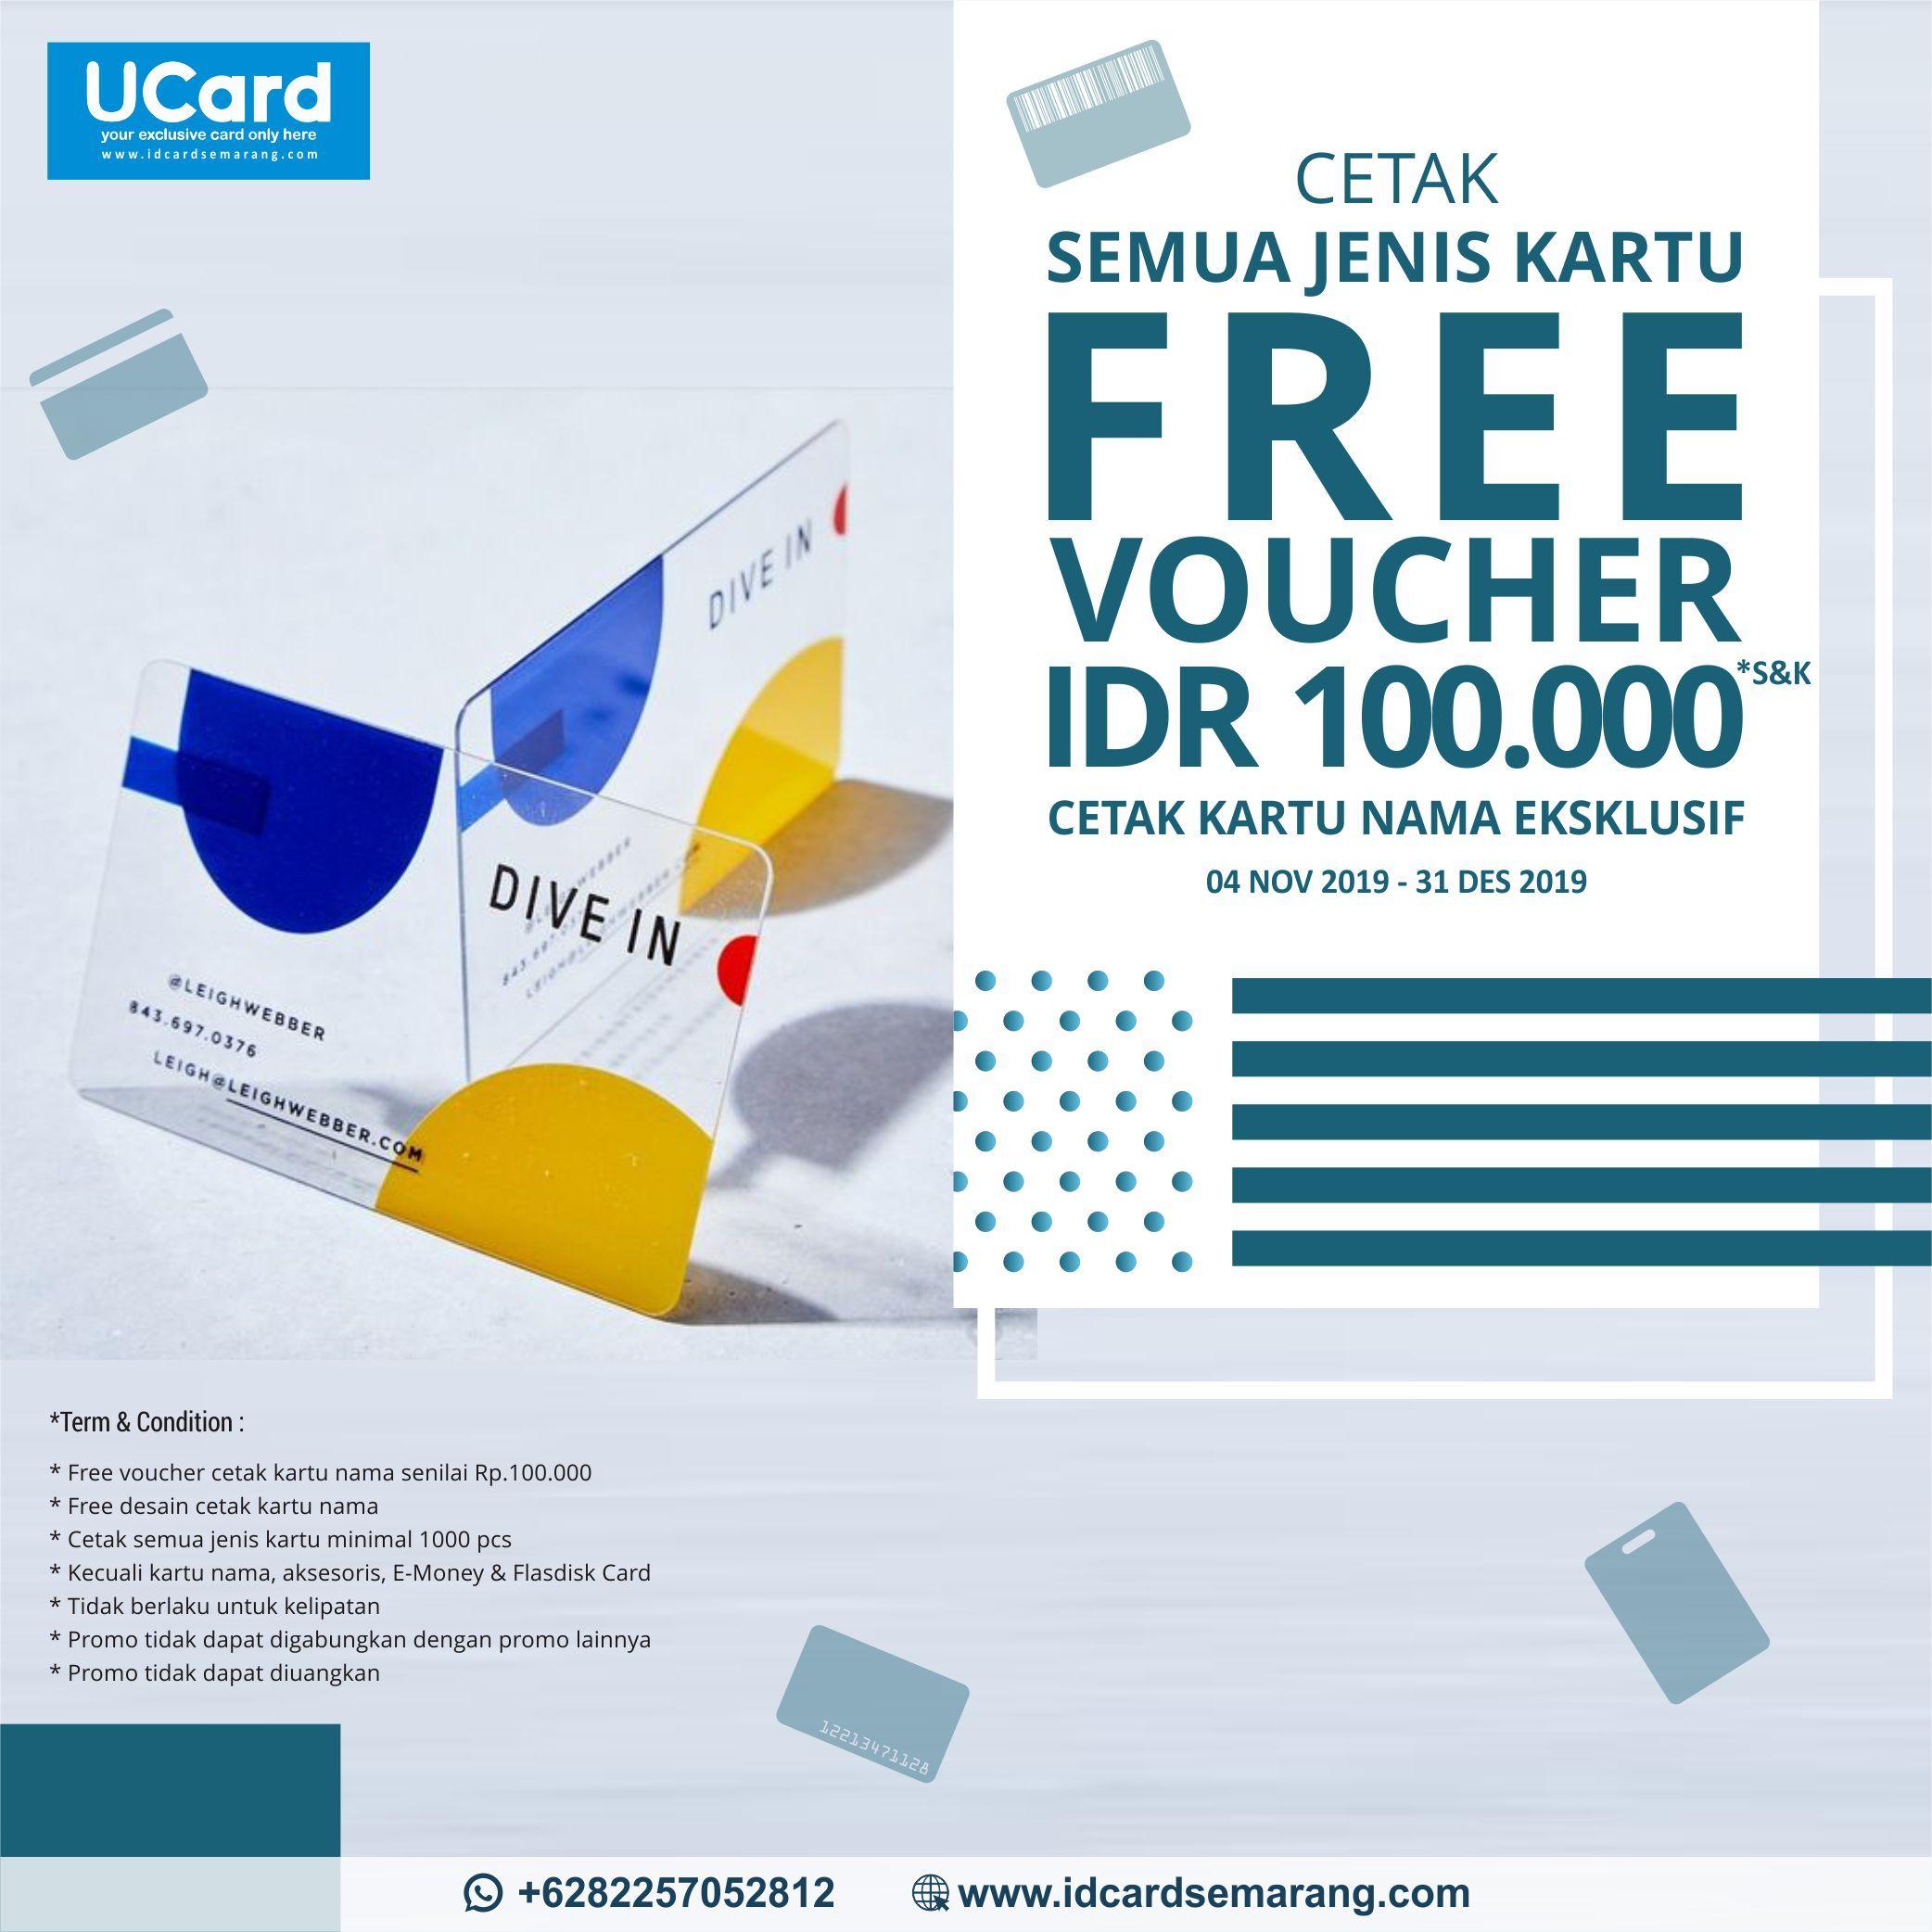 Free Voucher IDR 100.000